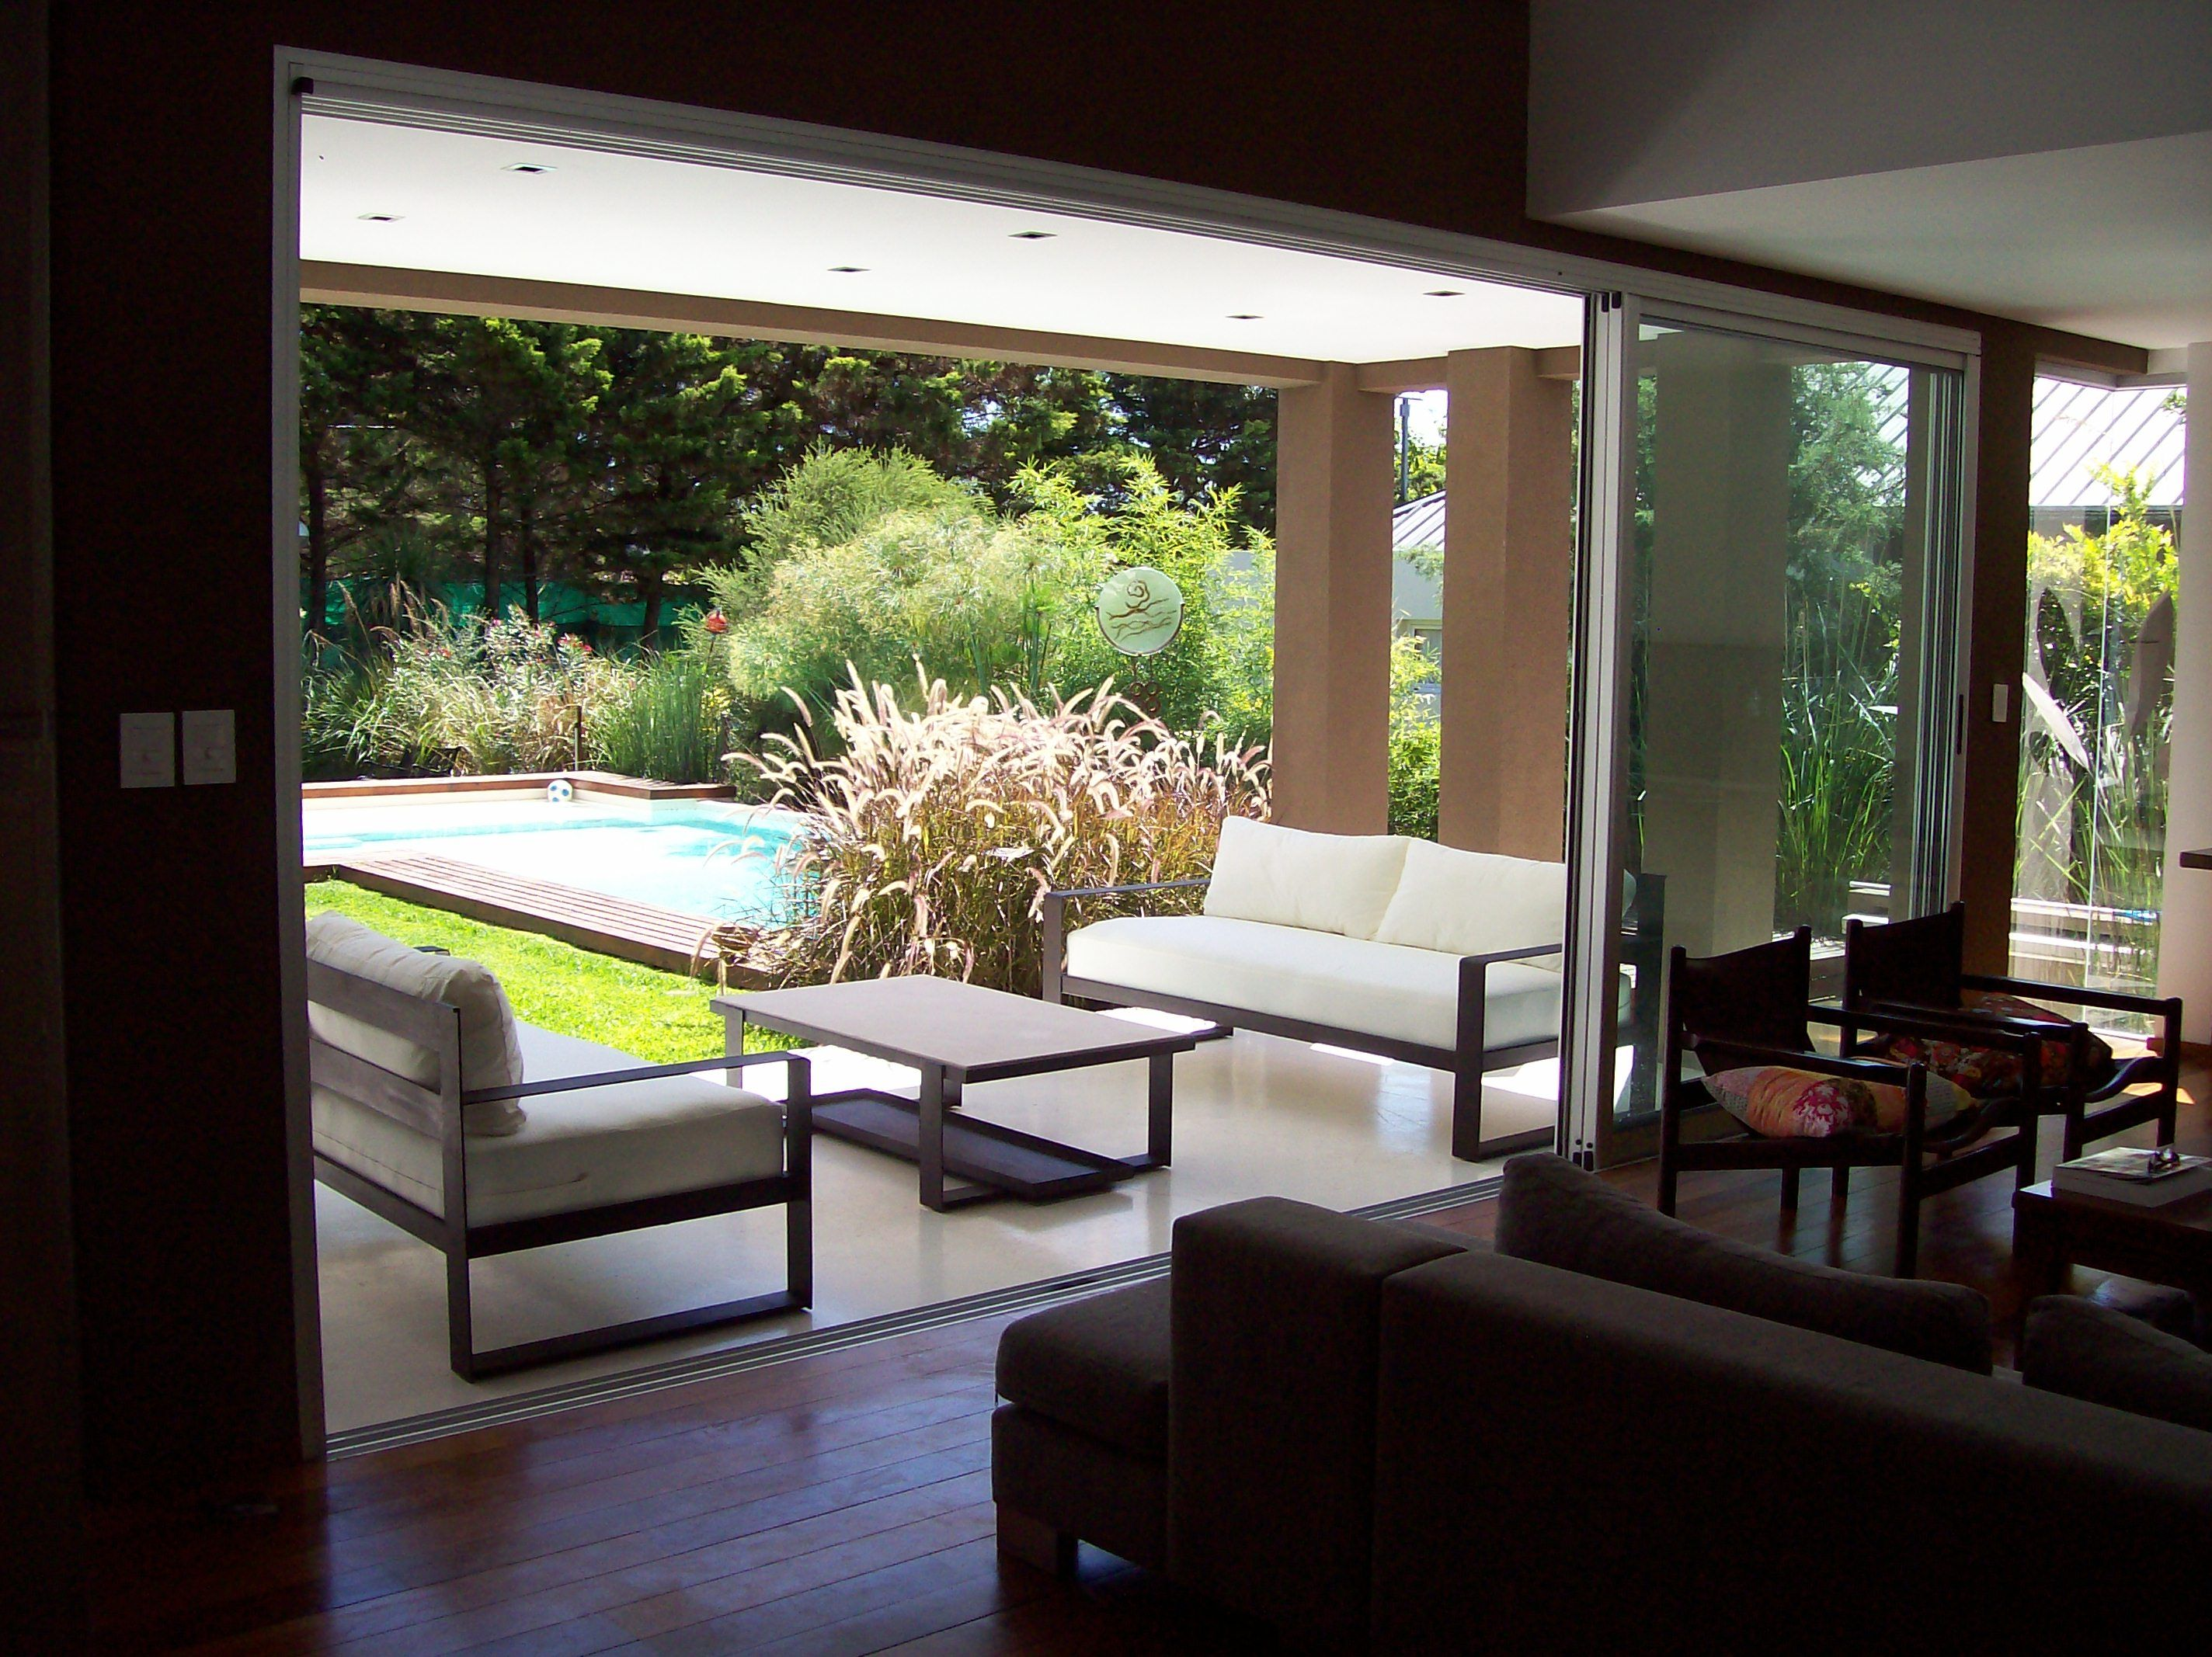 Muebles de exterior en hierro para jardin muebles de for Muebles terraza jardin